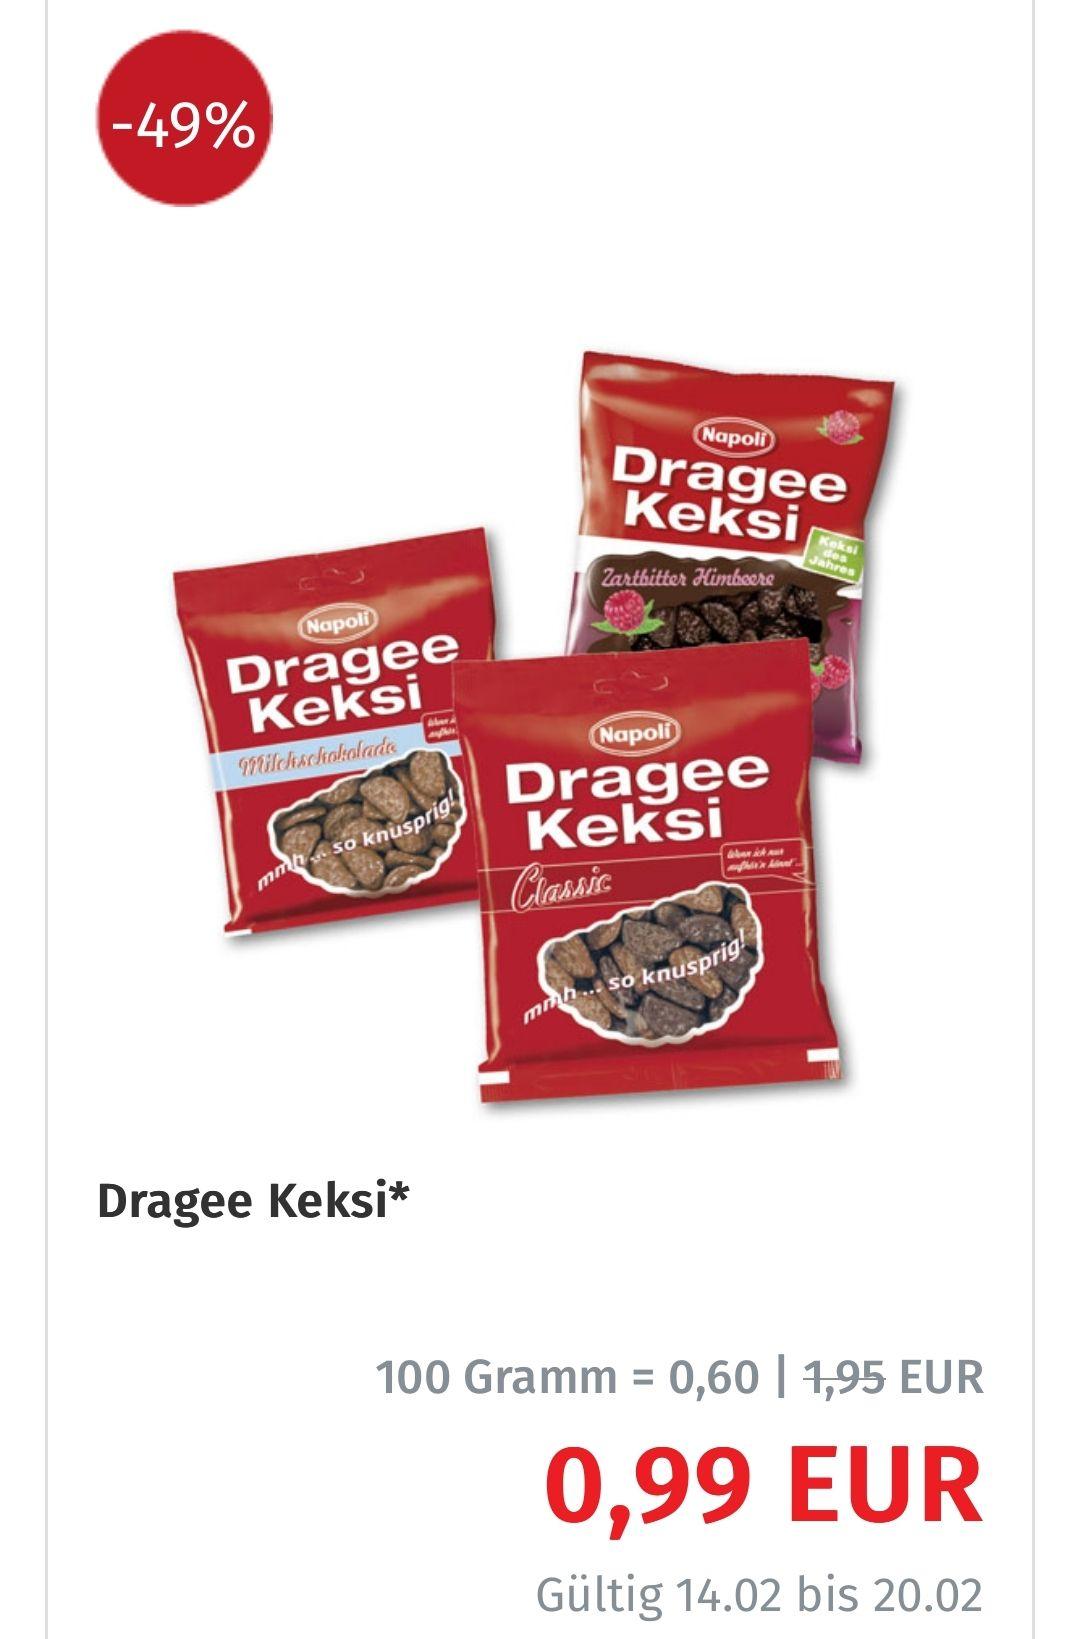 Penny + Marktguru: Dragee Keksi um 0.49 €